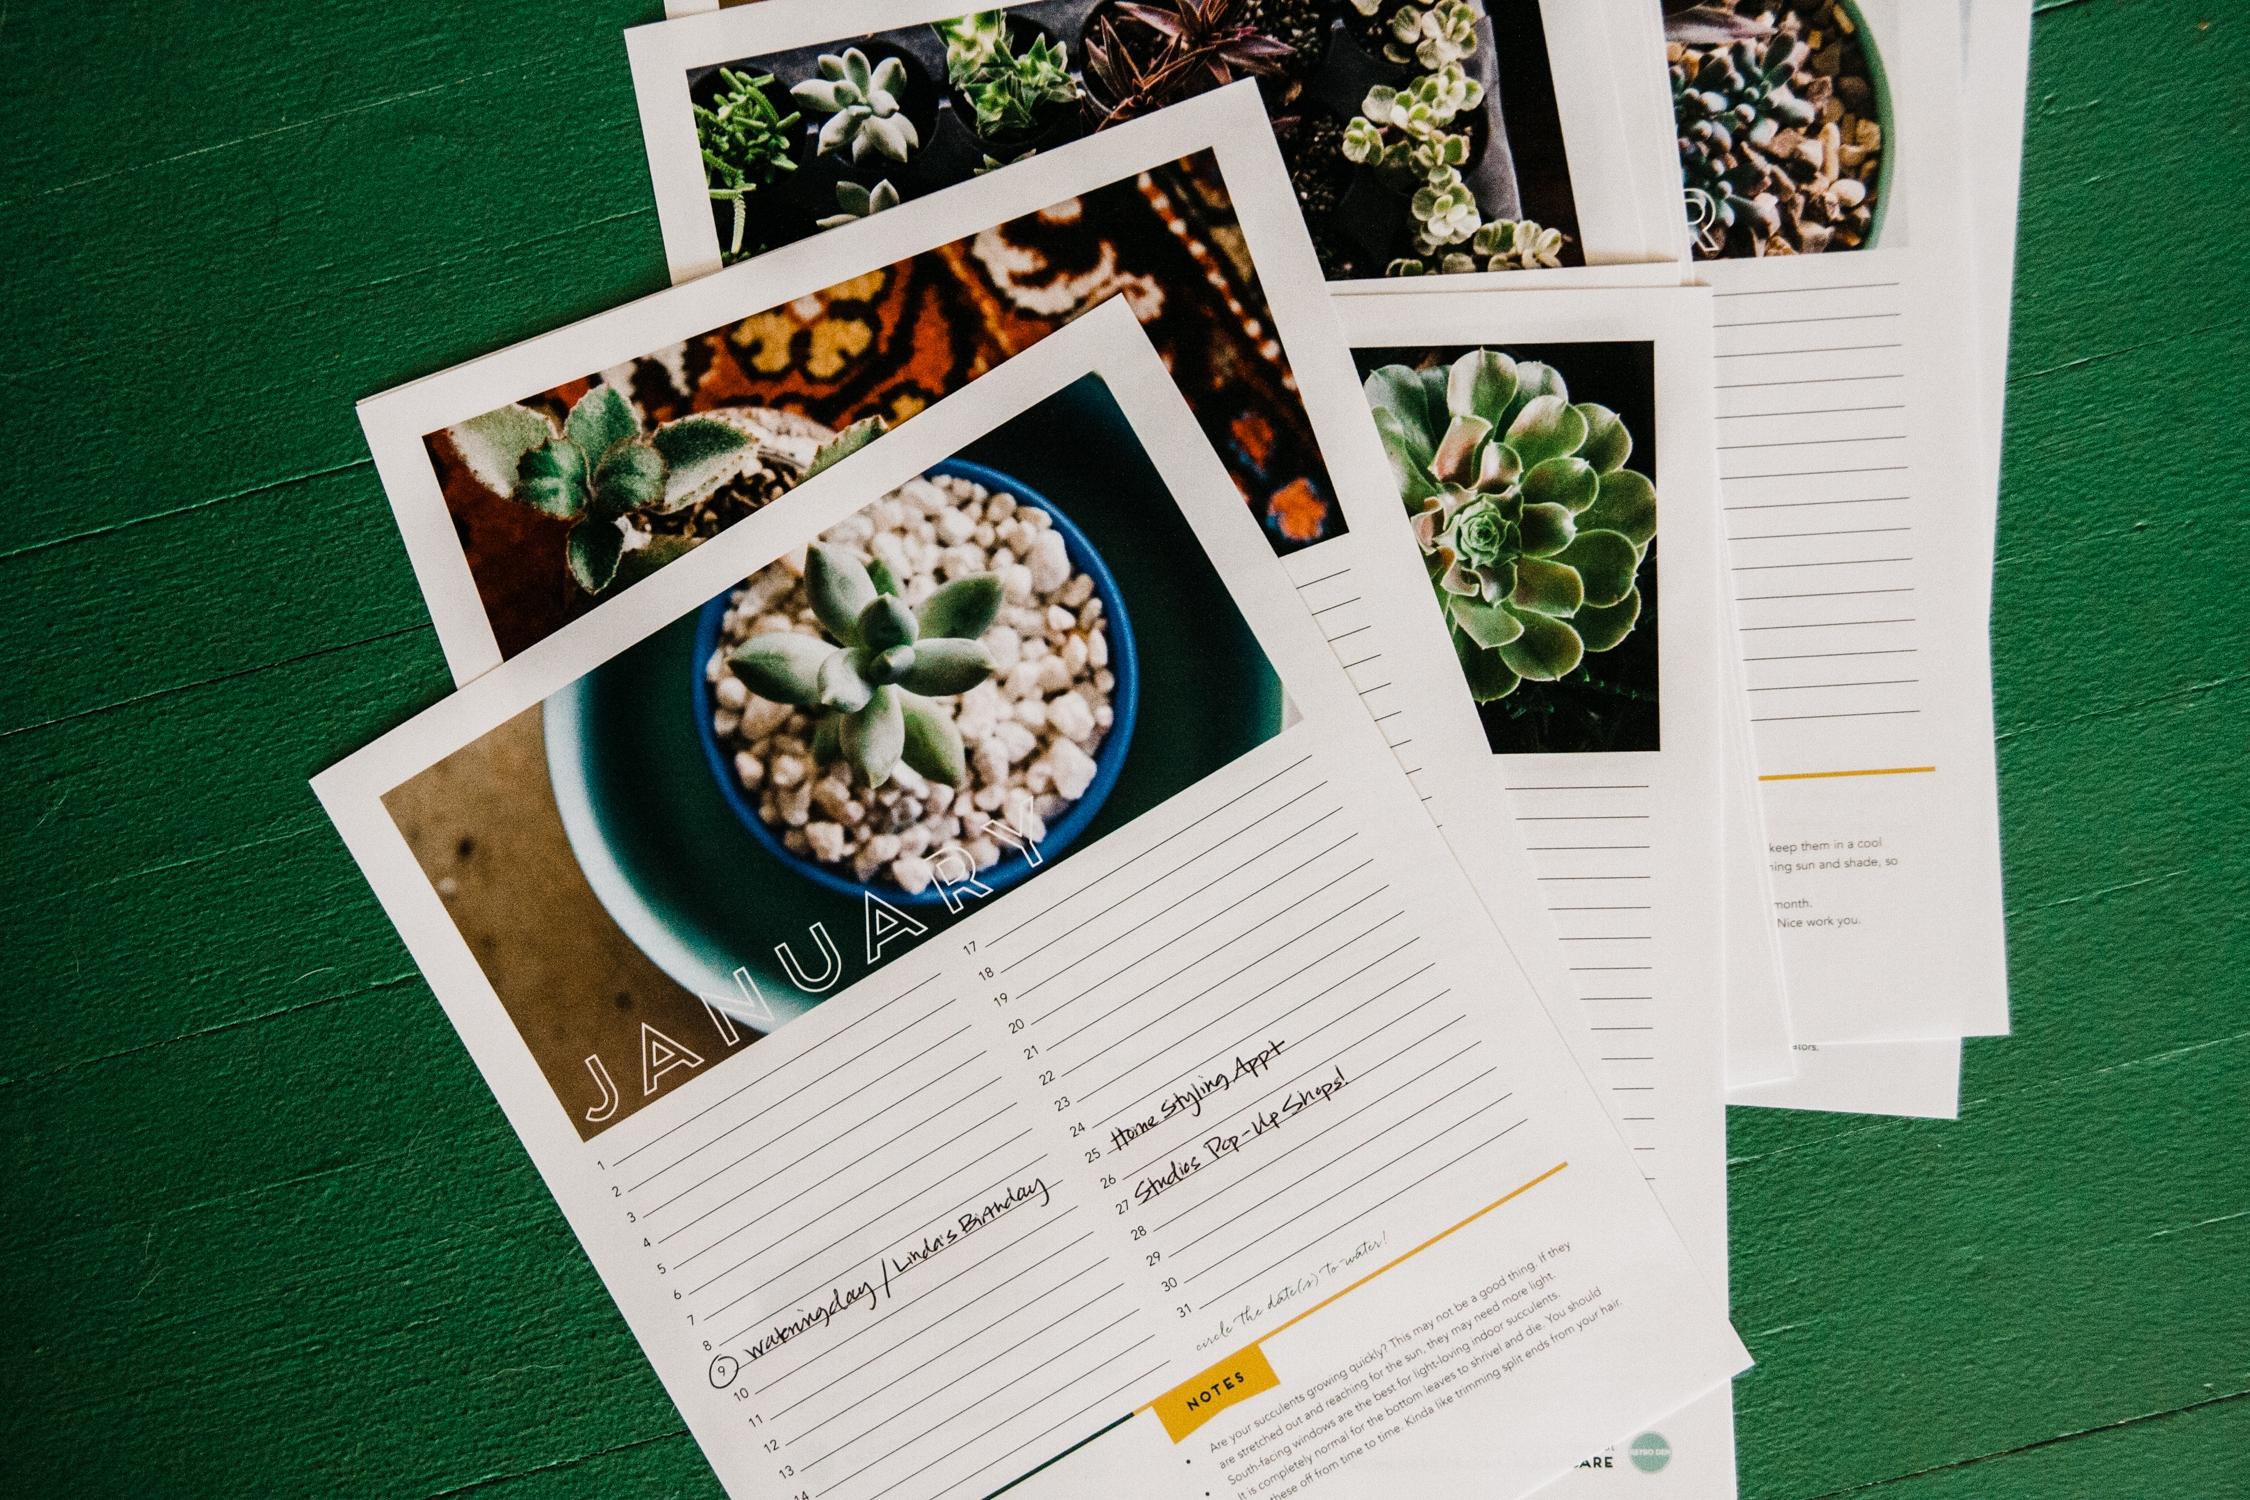 Succulent Care Agenda & Calendar - Become an expert in 12 months!